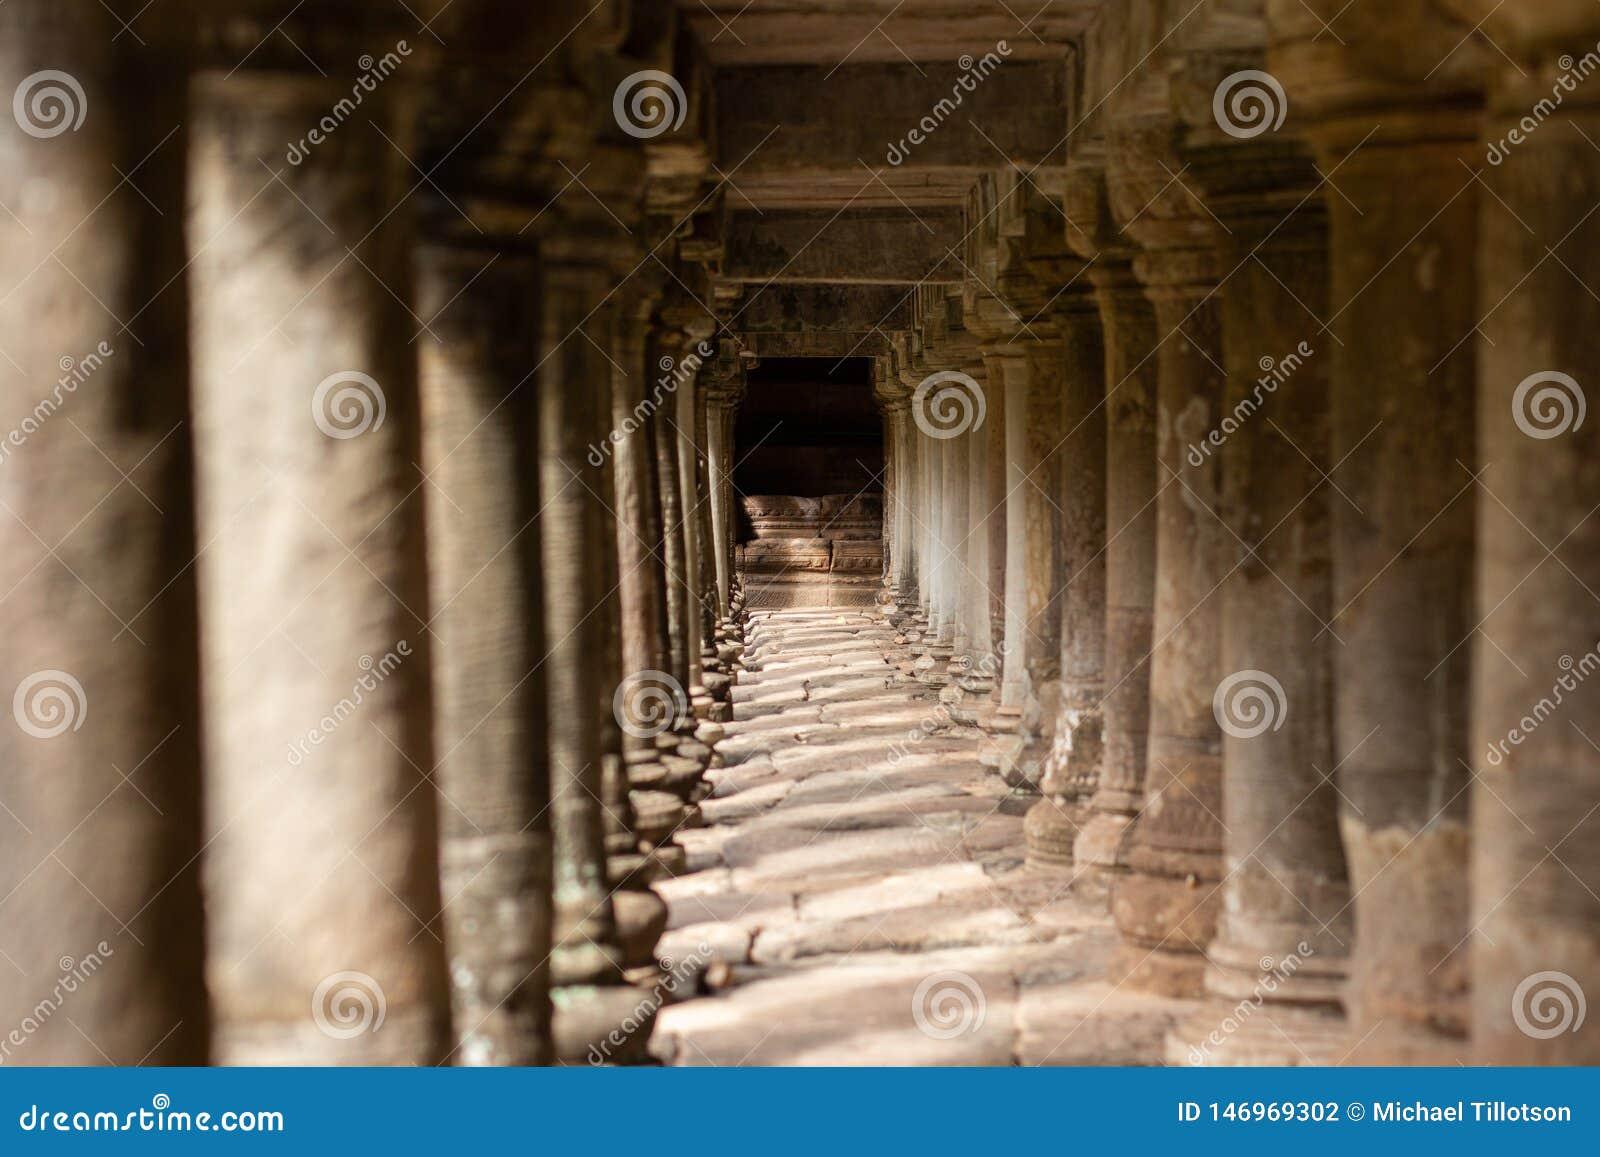 Pilares del templo antiguo debajo de una calzada en Angkor Thom, Camboya